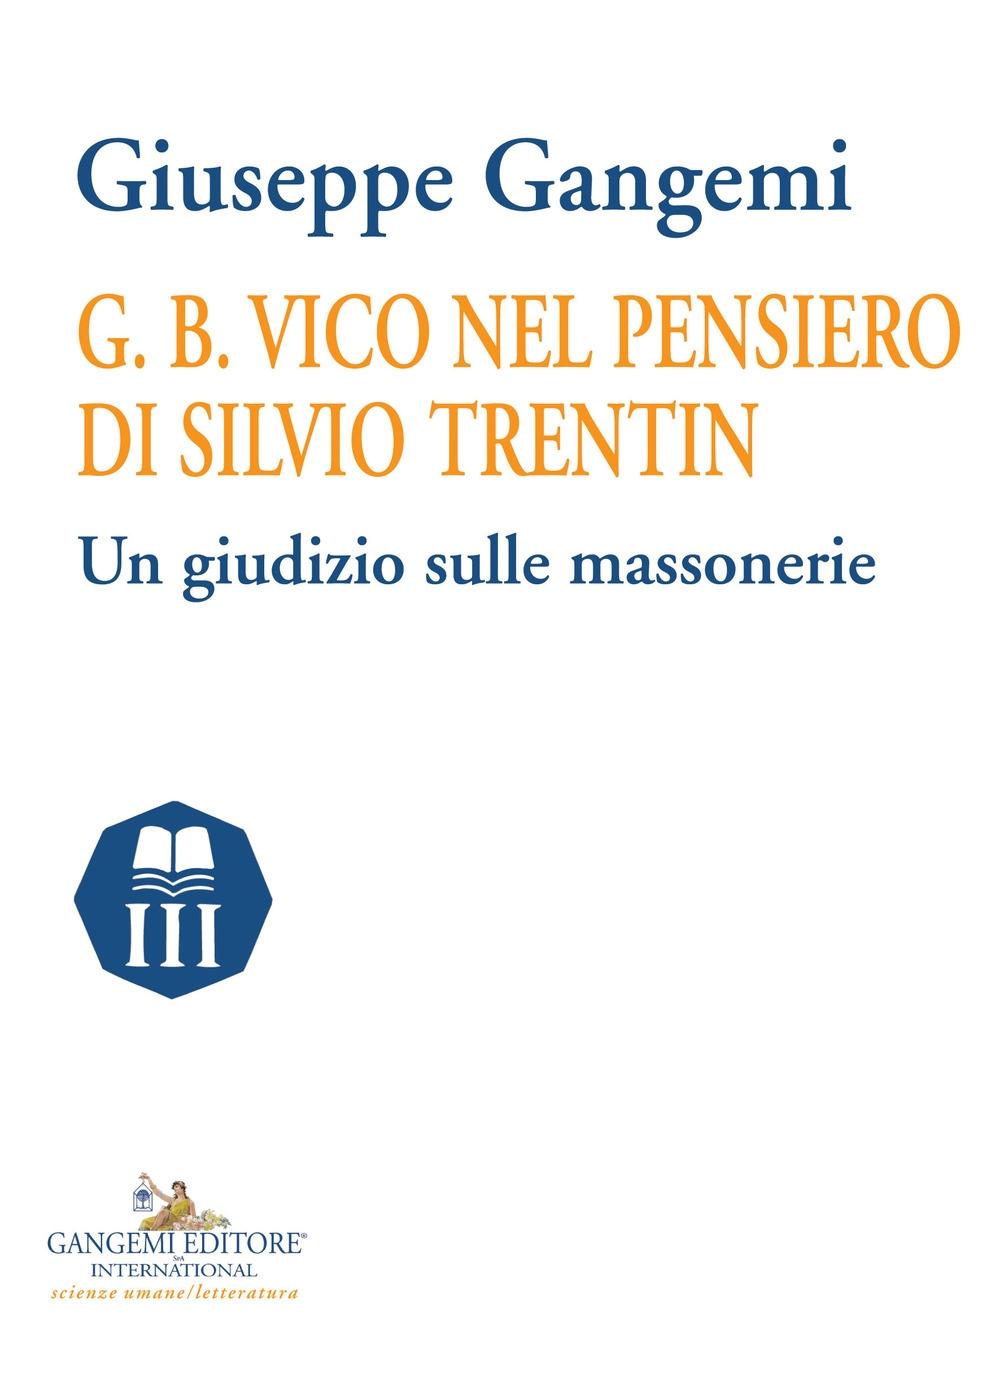 G. B. Vico nel pensiero di Silvio Trentin. Un giudizio sulle massonerie